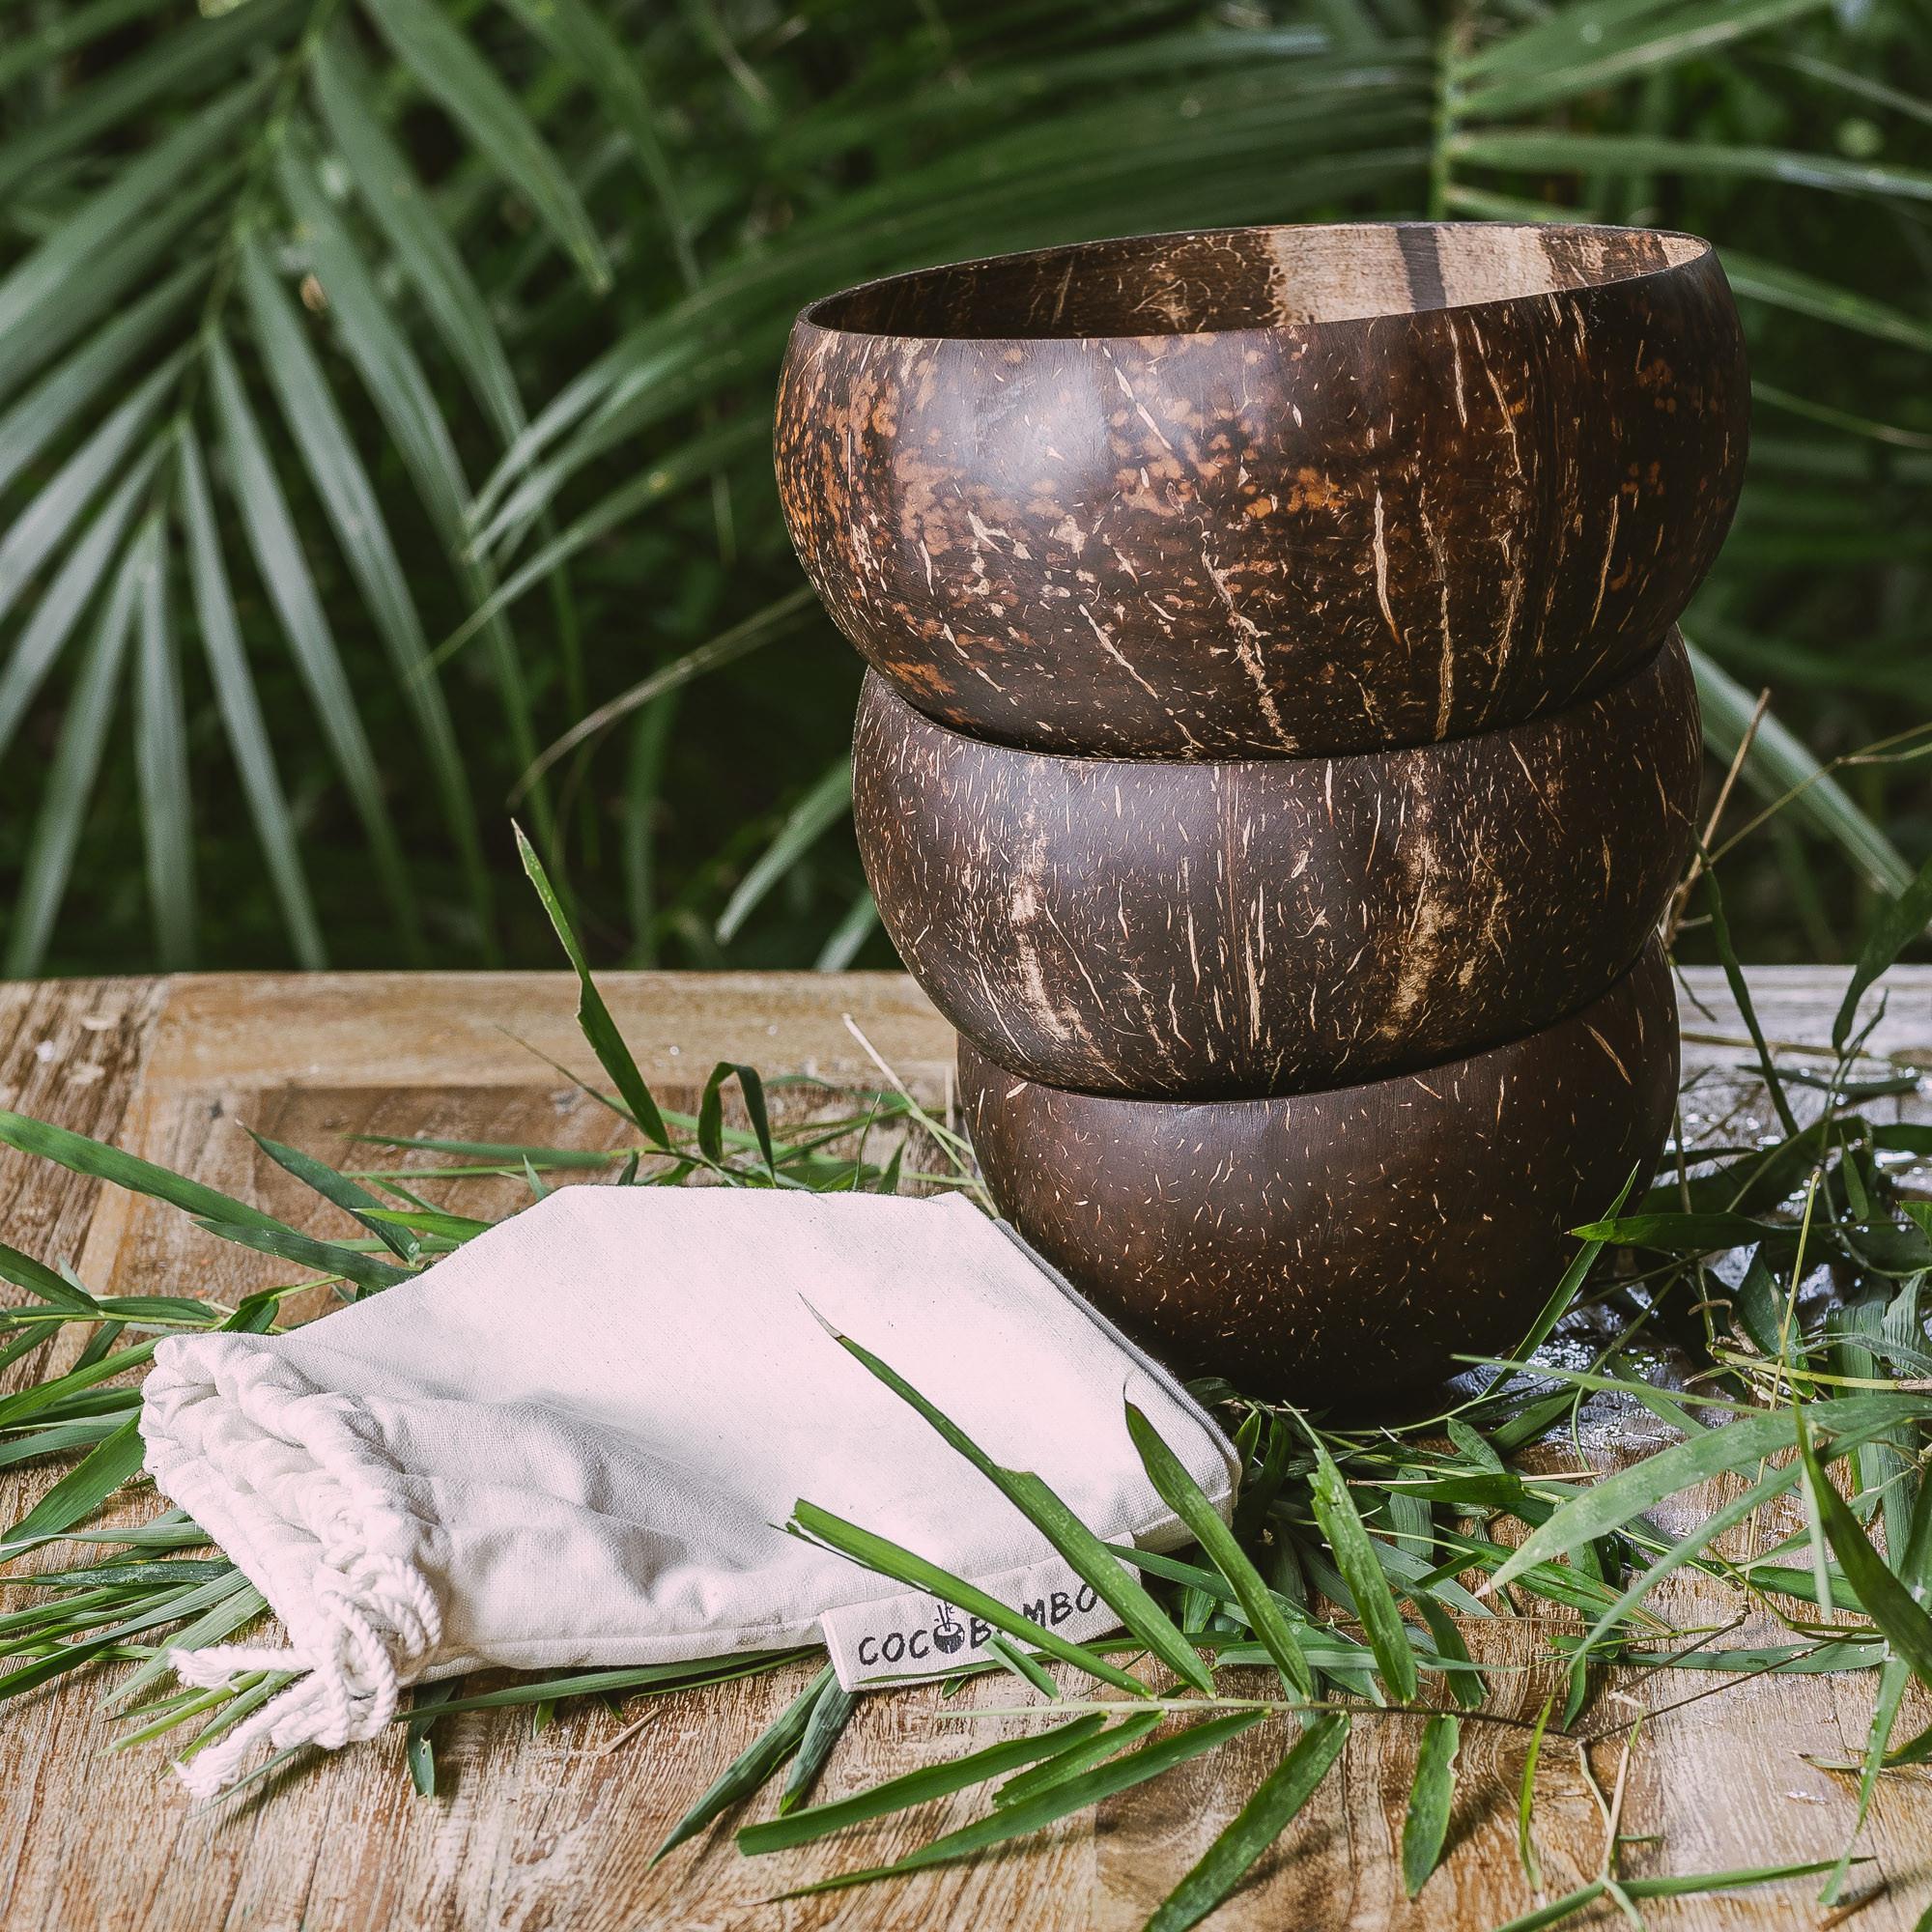 Komplet 3 kokosowych misek (duża, średnia, mała + bawełniany worek) - COCOBAMBOO